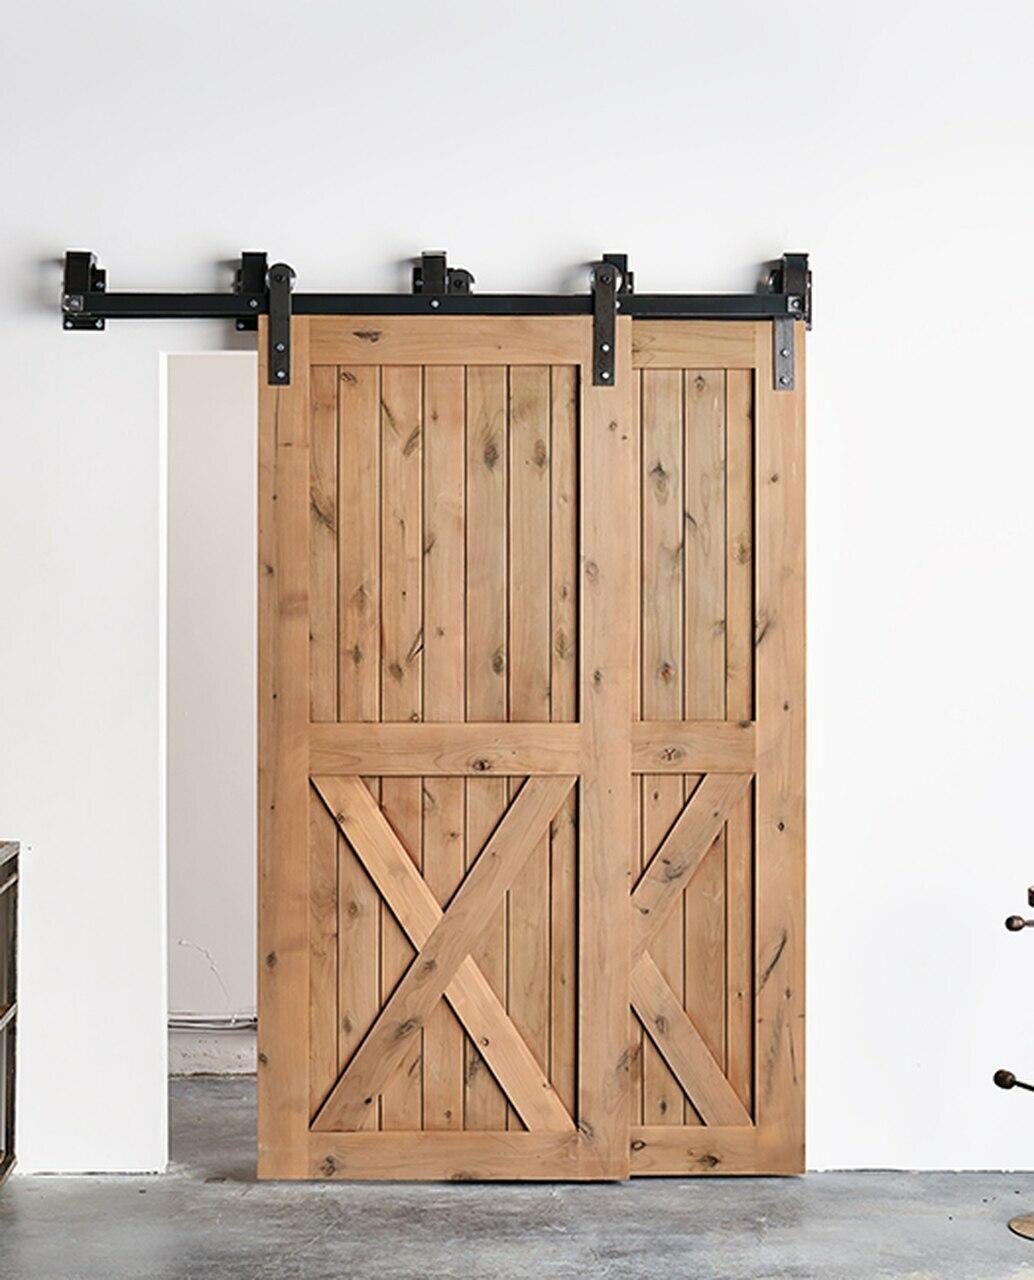 wood-bypass-barn-doors.jpg